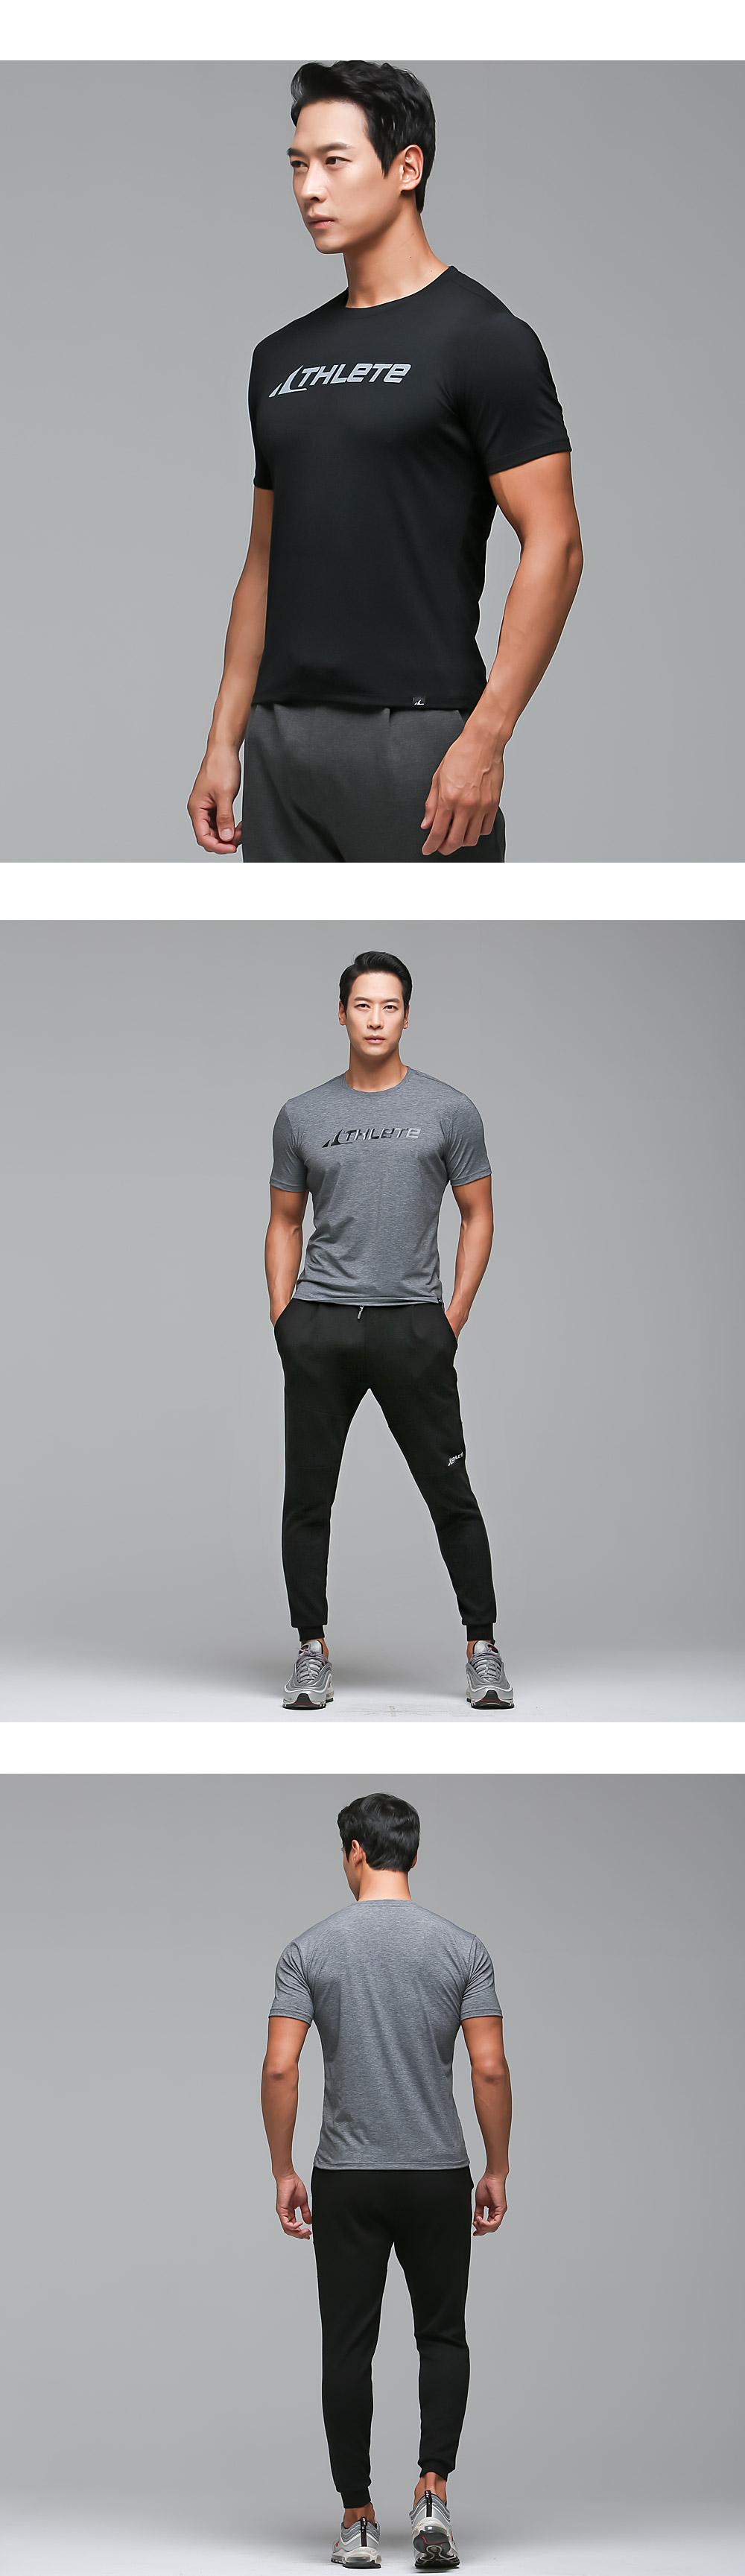 애슬리트(ATHLETE) 남성 고탄력 기능성 스포츠티 MDAT01 앤디 반팔 티셔츠